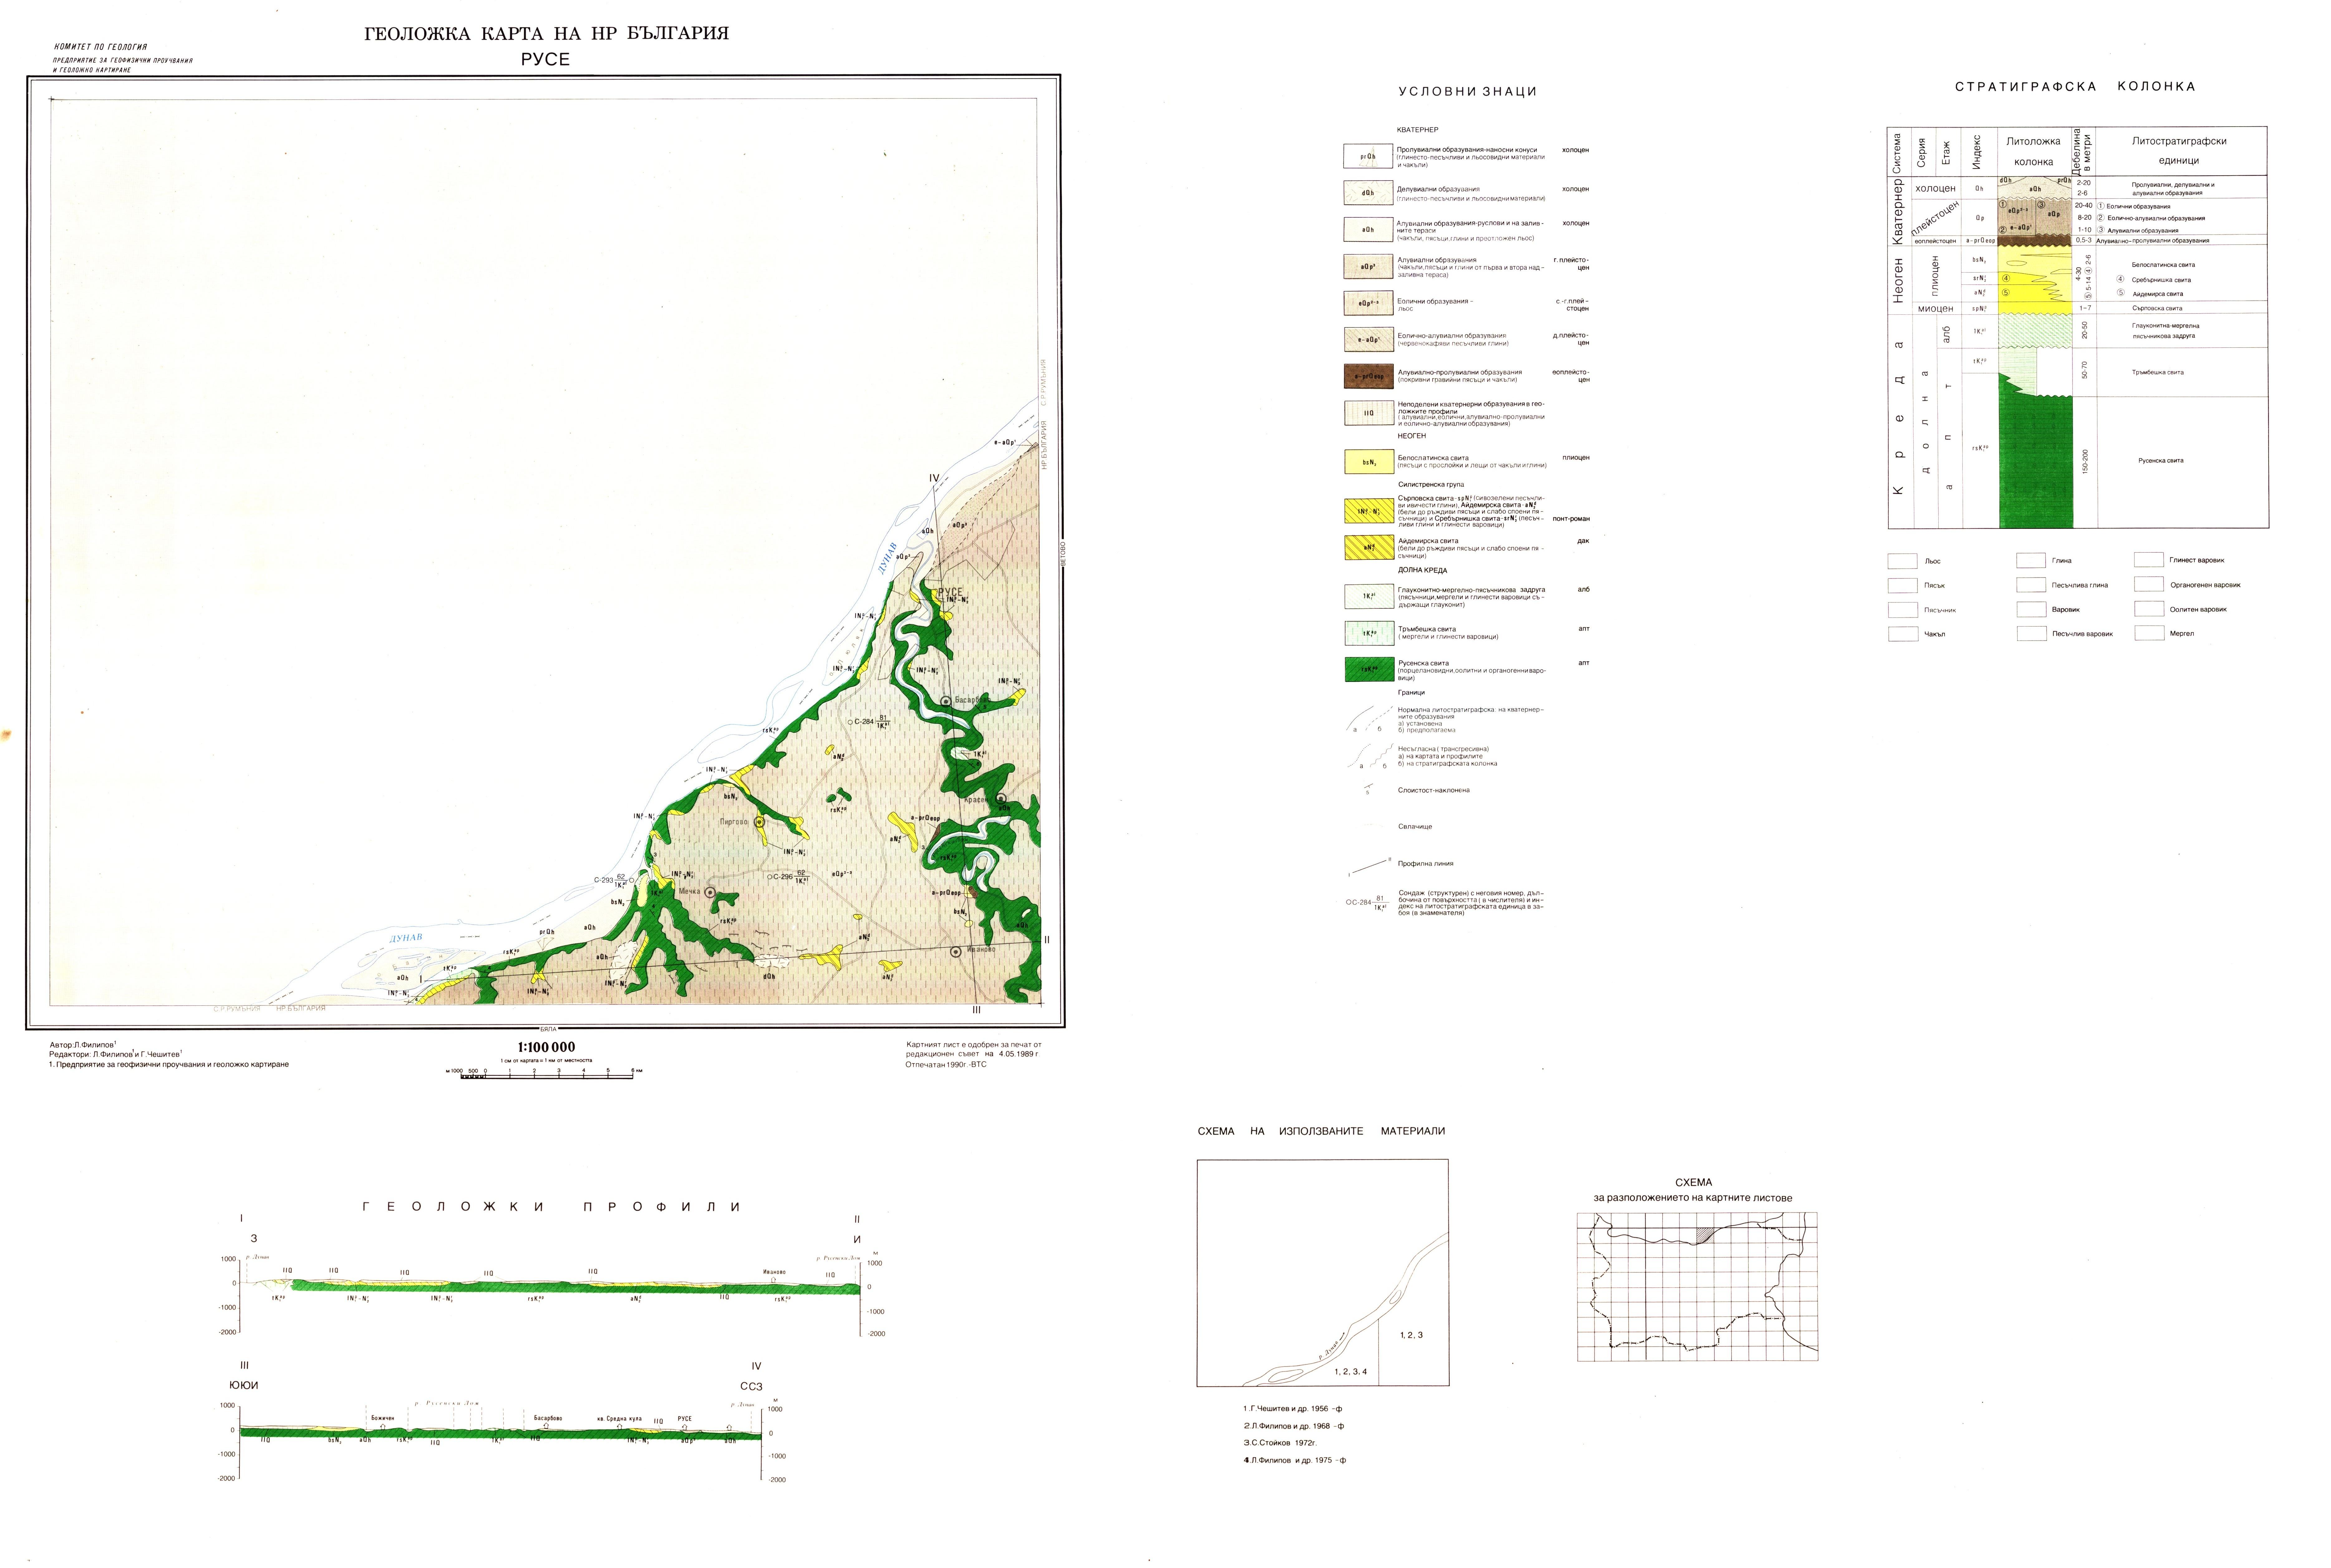 K 35 004 Ruse Geolozhka Karta Na Blgariya Geologicheskij Portal